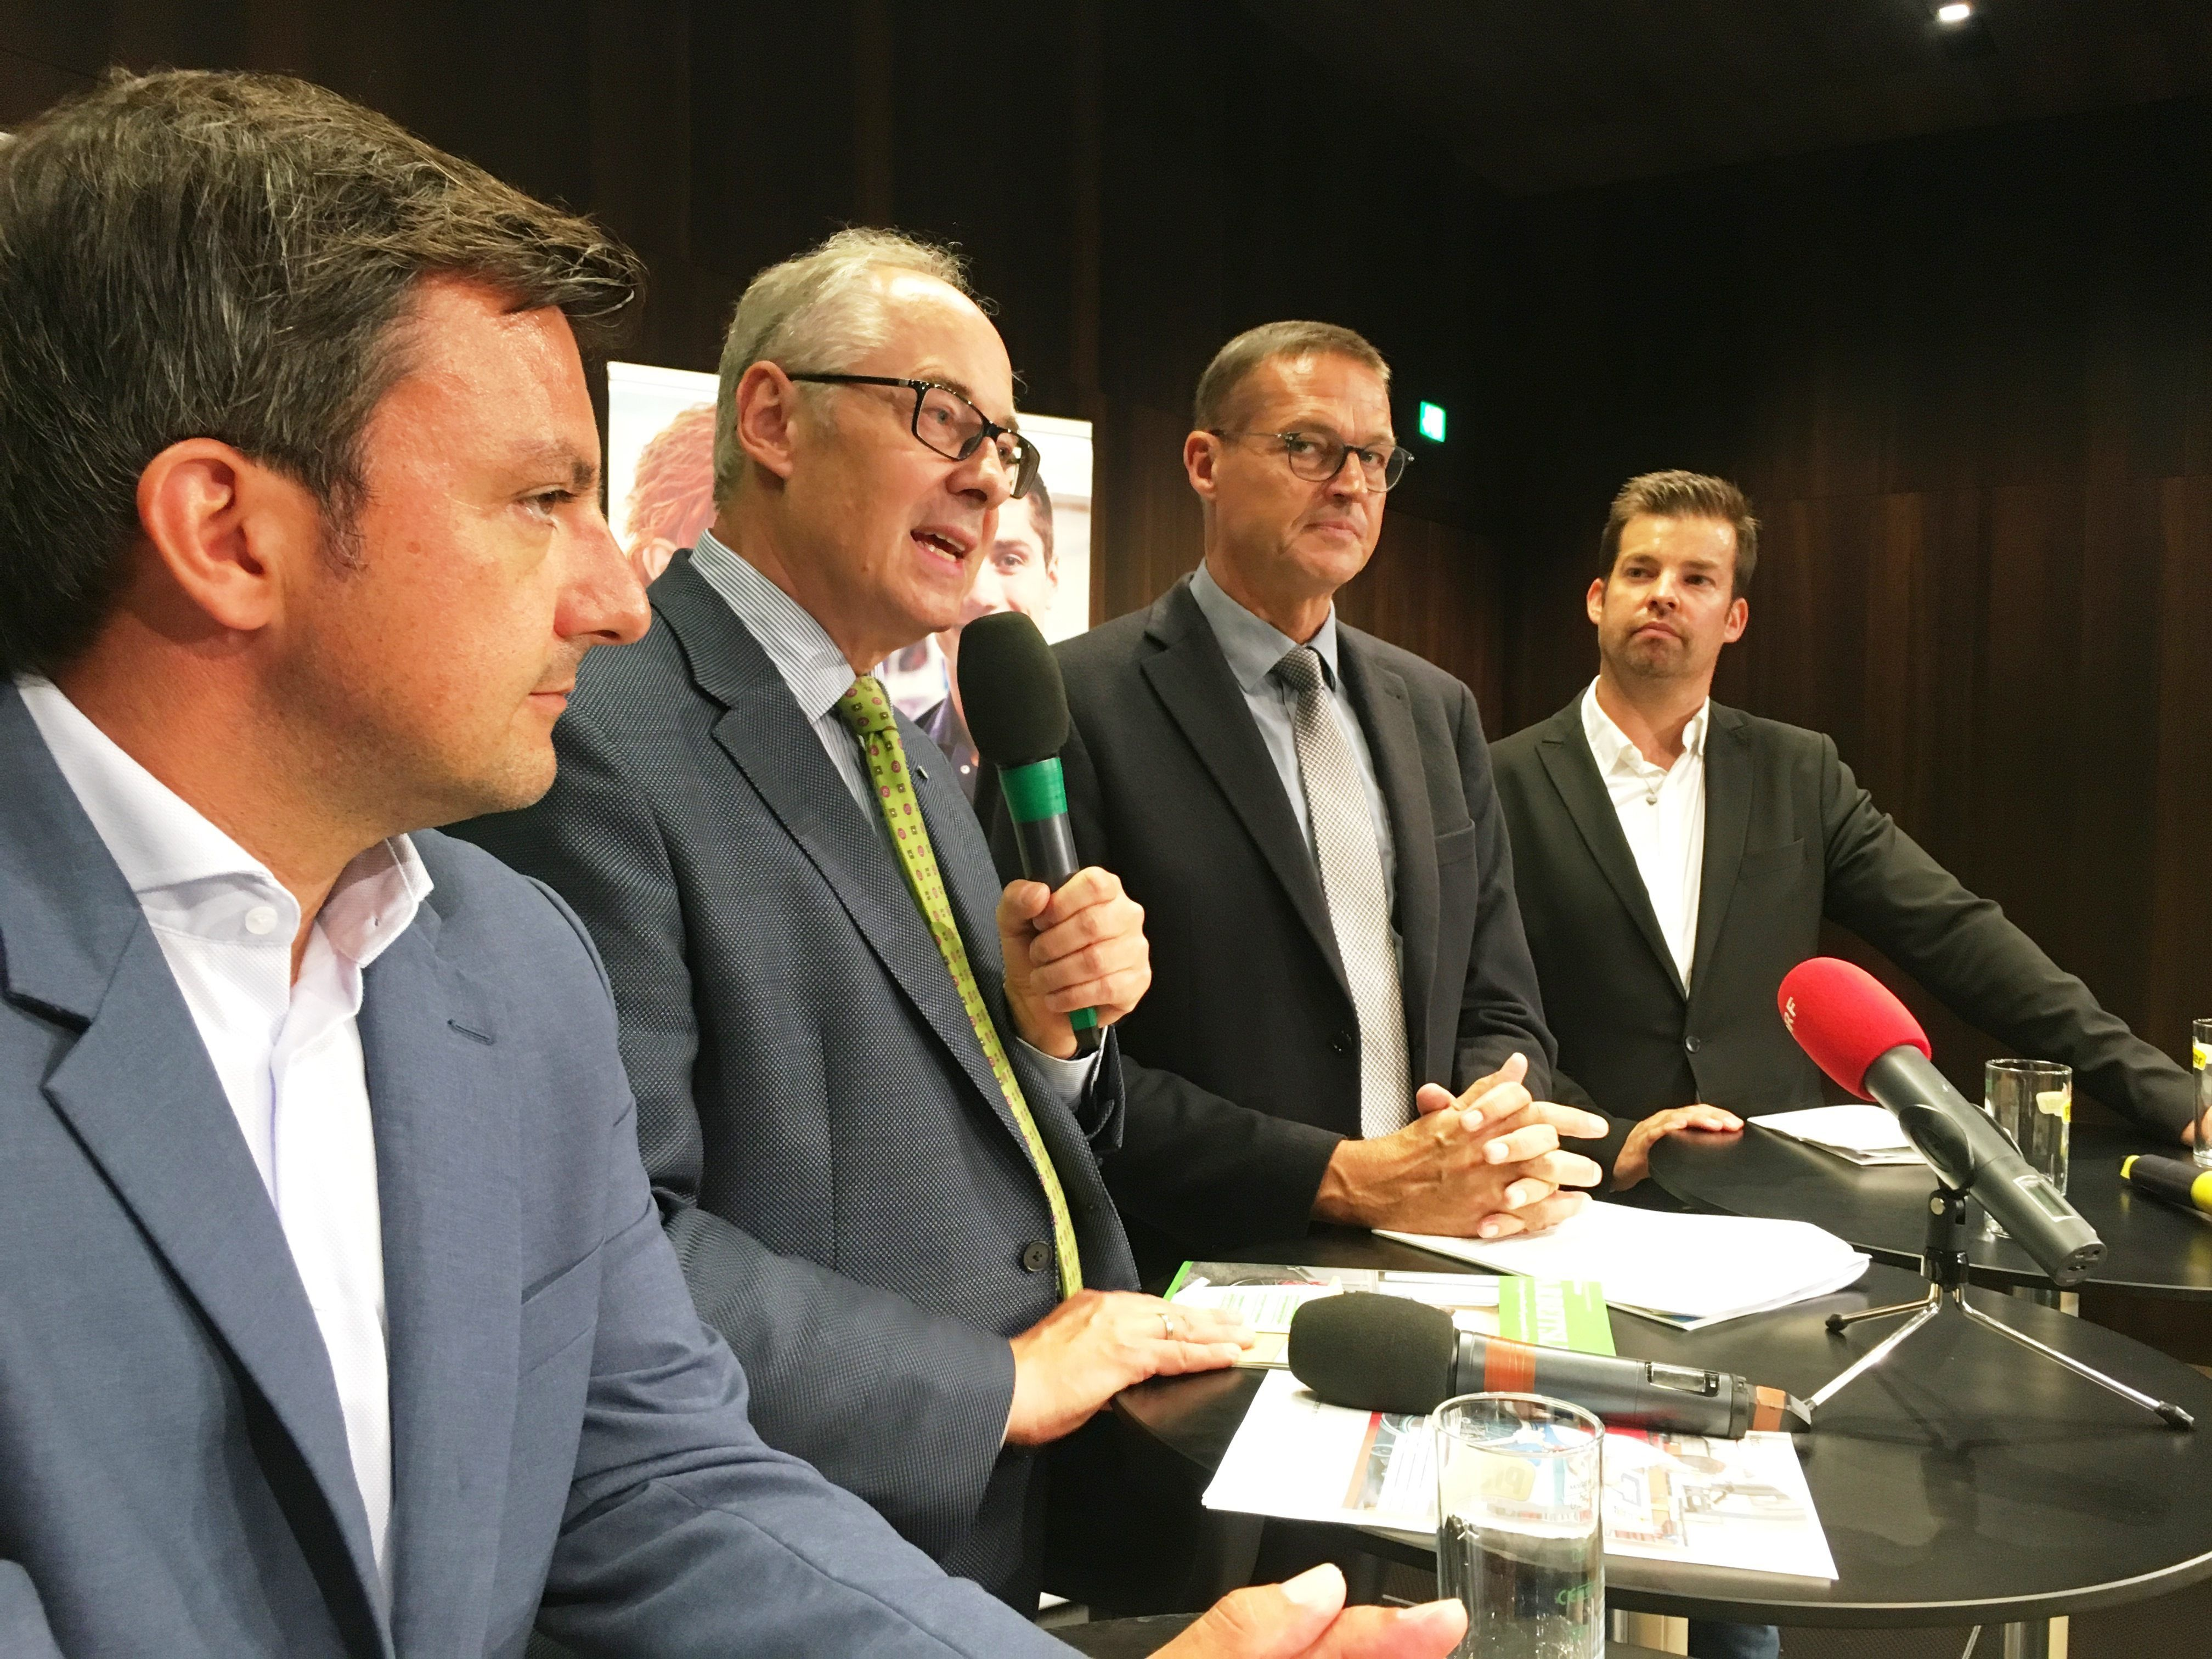 Partnersuche behinderung österreich